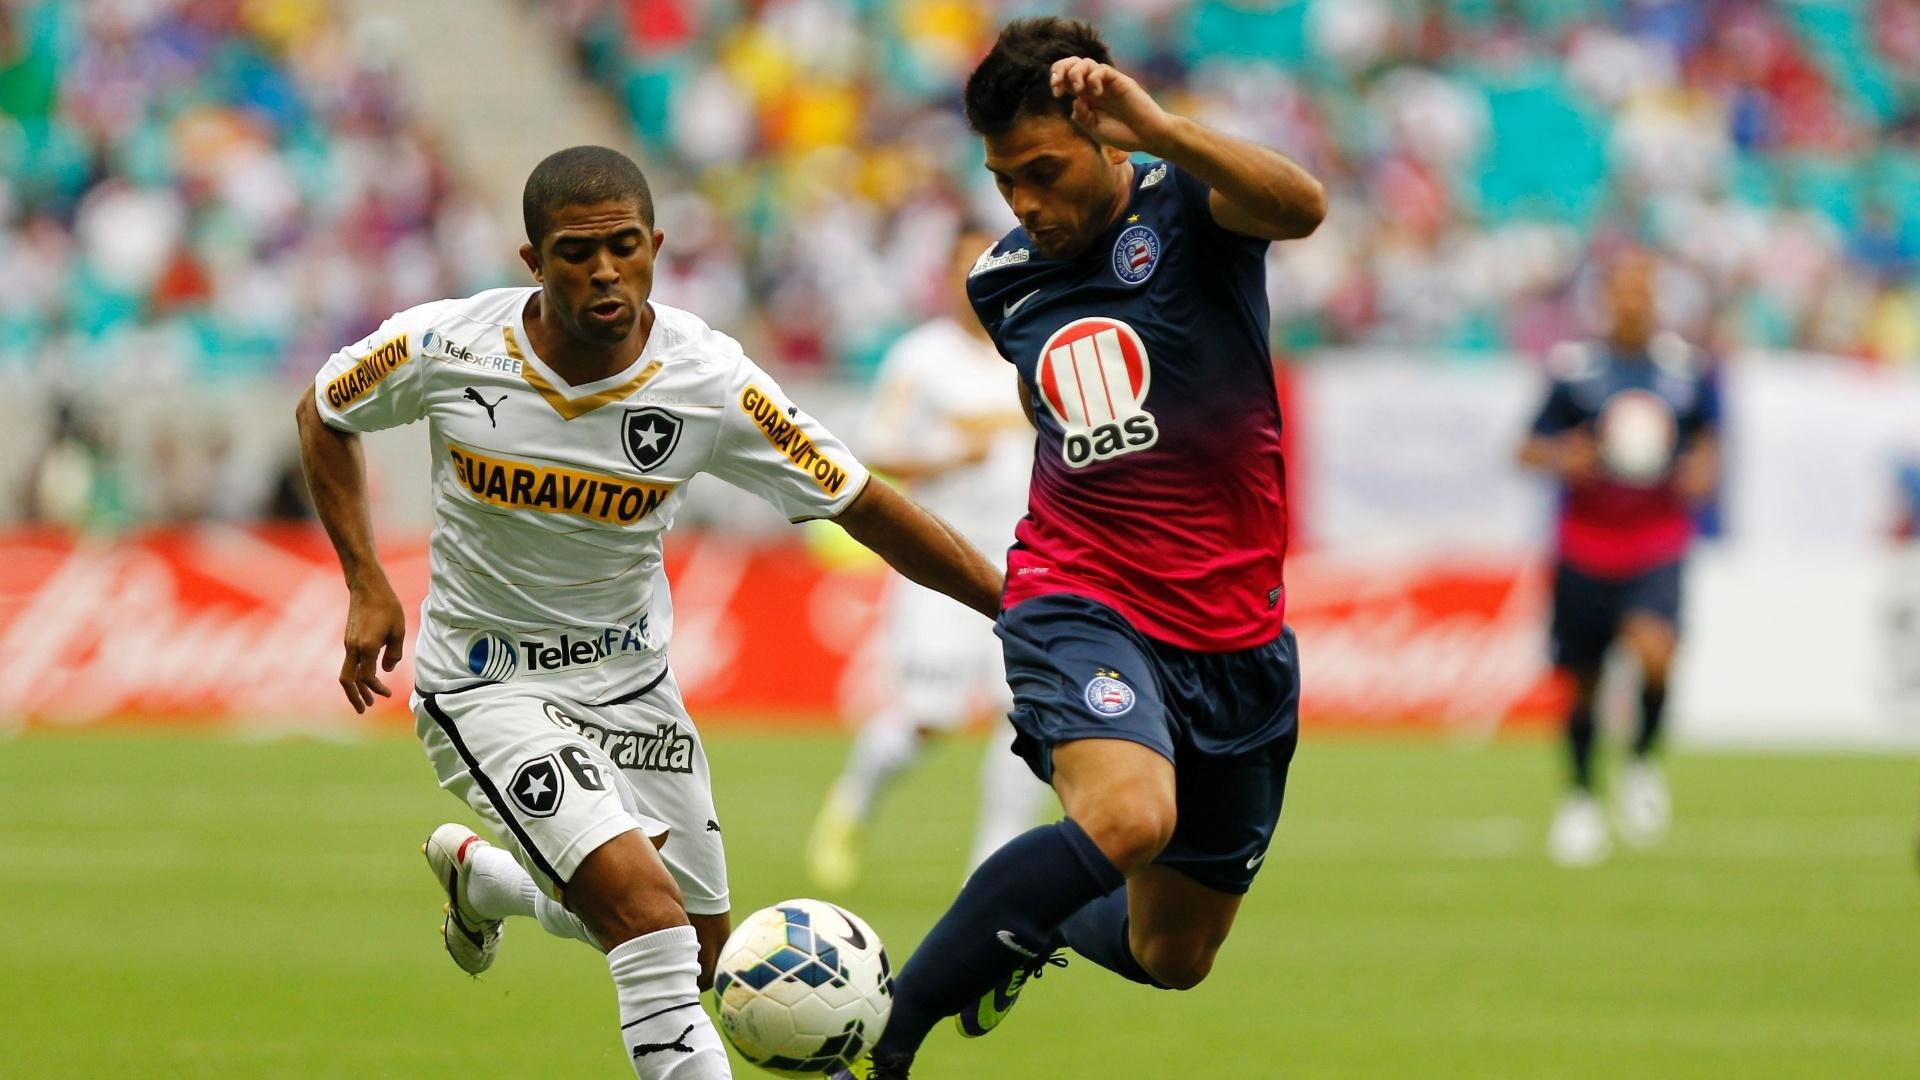 04.mai.2014 - Observado por Junior César (e), do Botafogo, Maxi, do Bahia, tenta uma jogada de efeito durante jogo do Campeonato Brasileiro